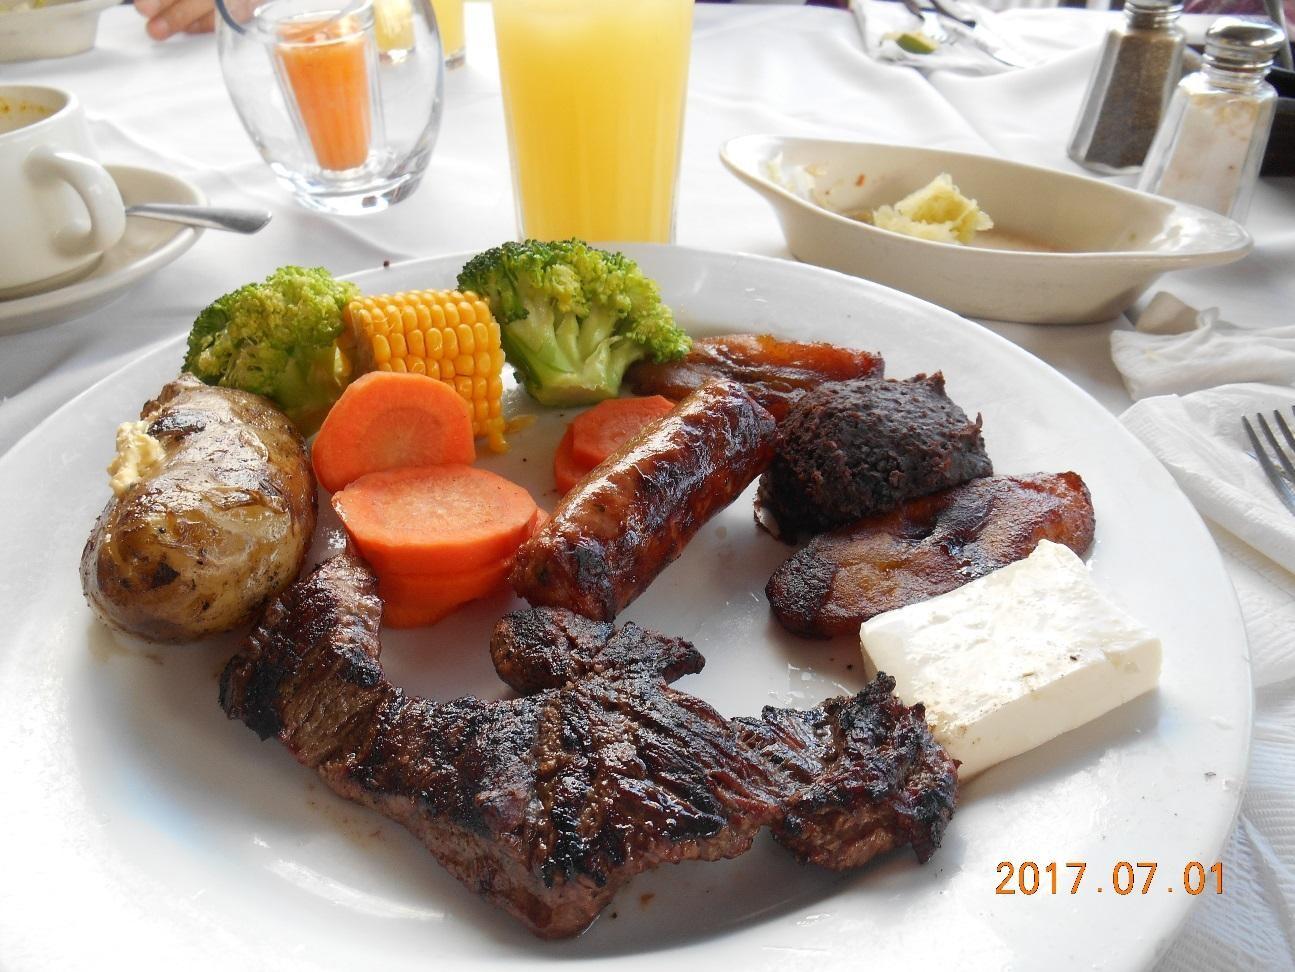 サンサルバドルのレストランの昼食 すごい迫力